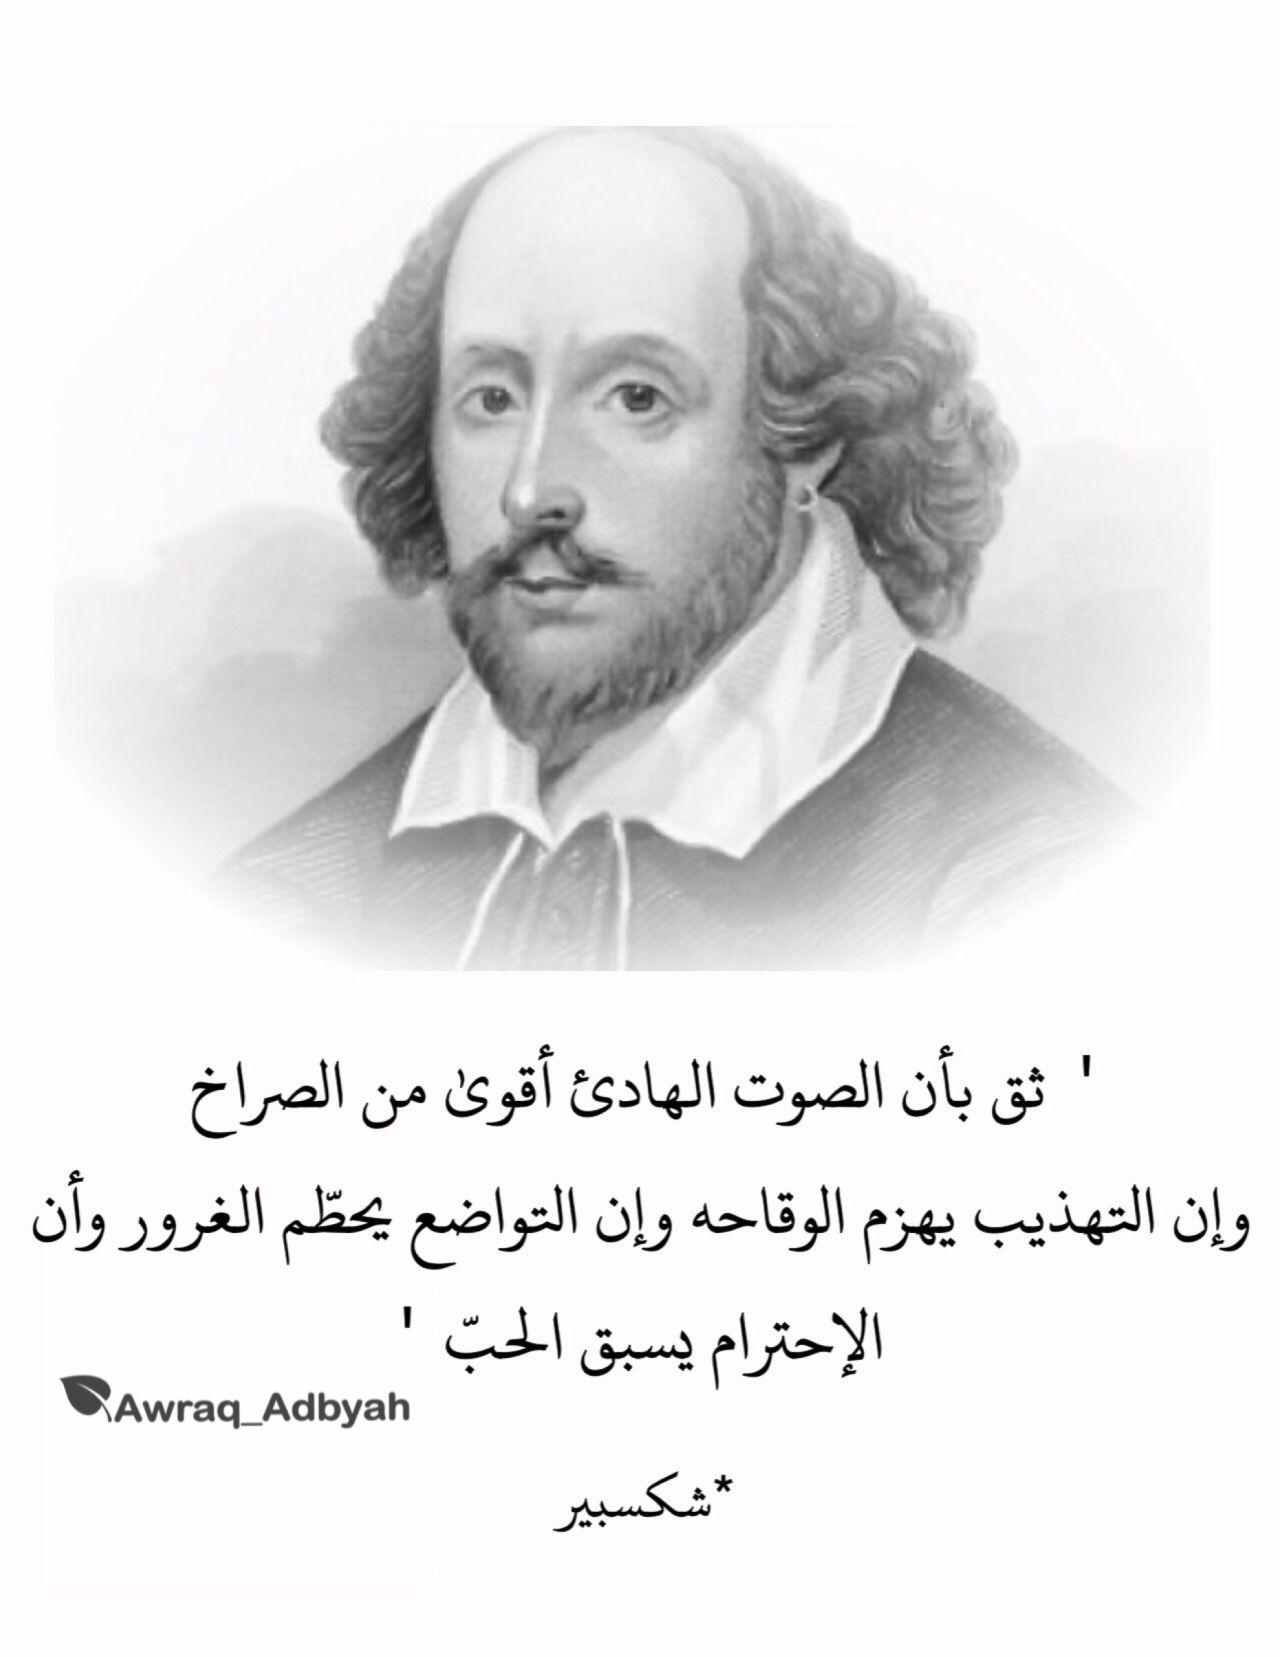 أوراق أدبية شعر أدب و اقتباسات Book Quotes Photo Quotes Quotations